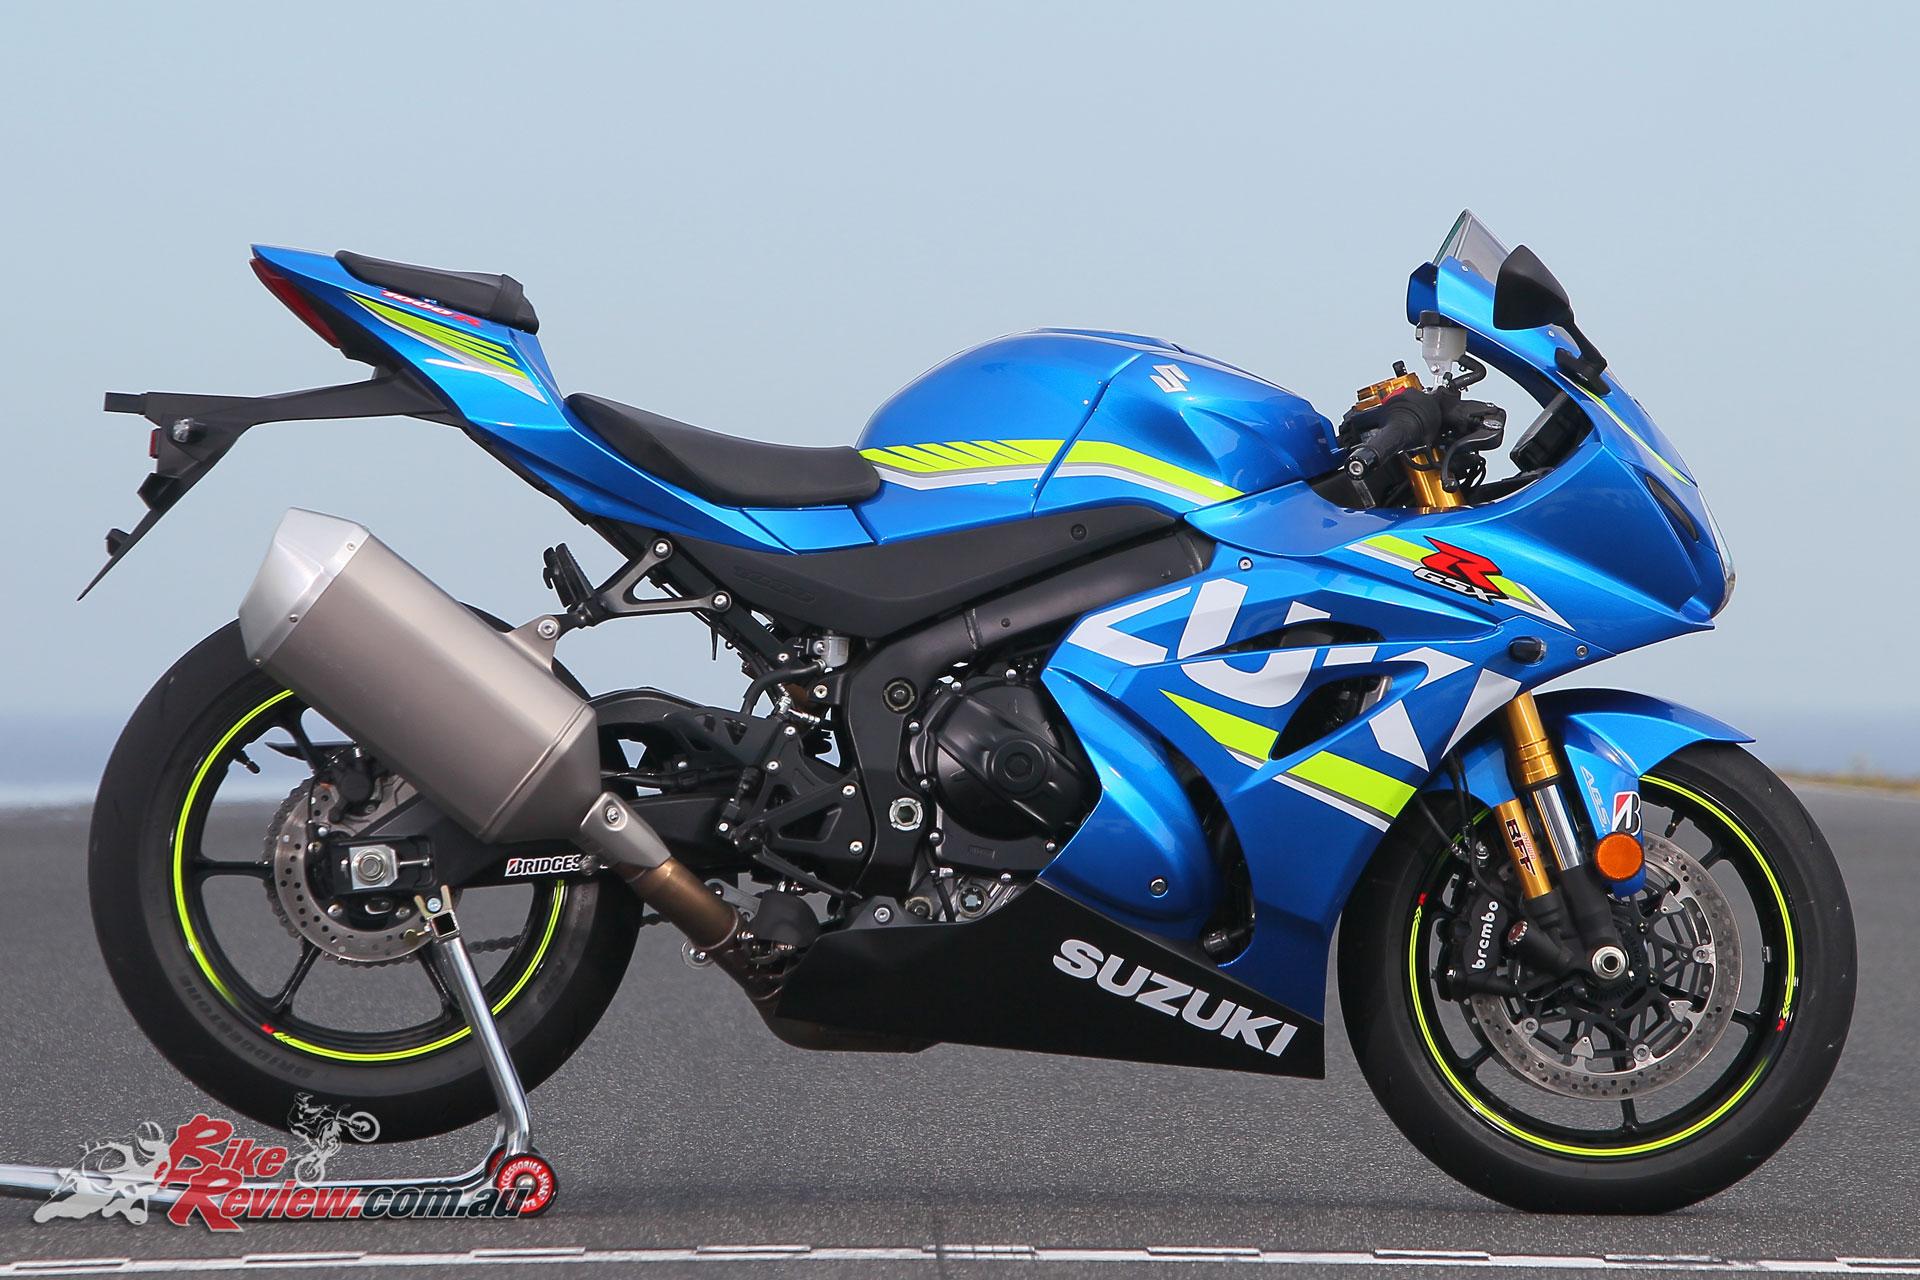 2017 Suzuki GSX-R1000R